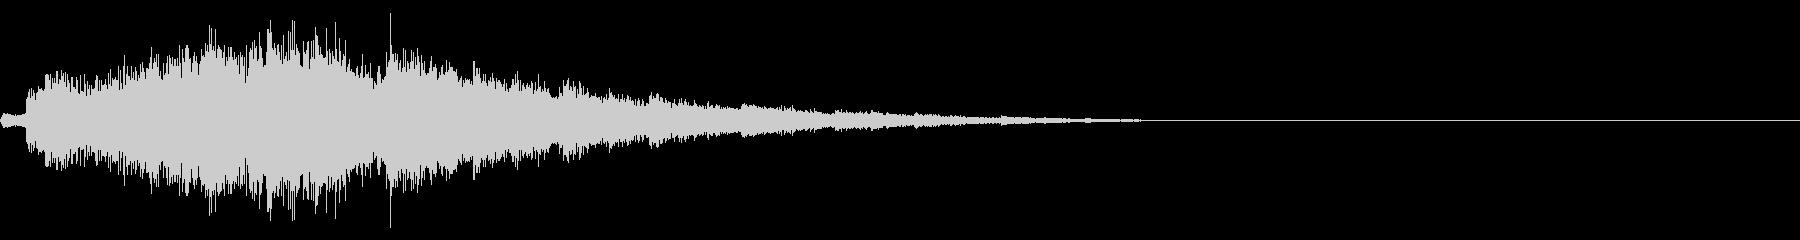 キラキラ 情報 番組 テロップ 09の未再生の波形